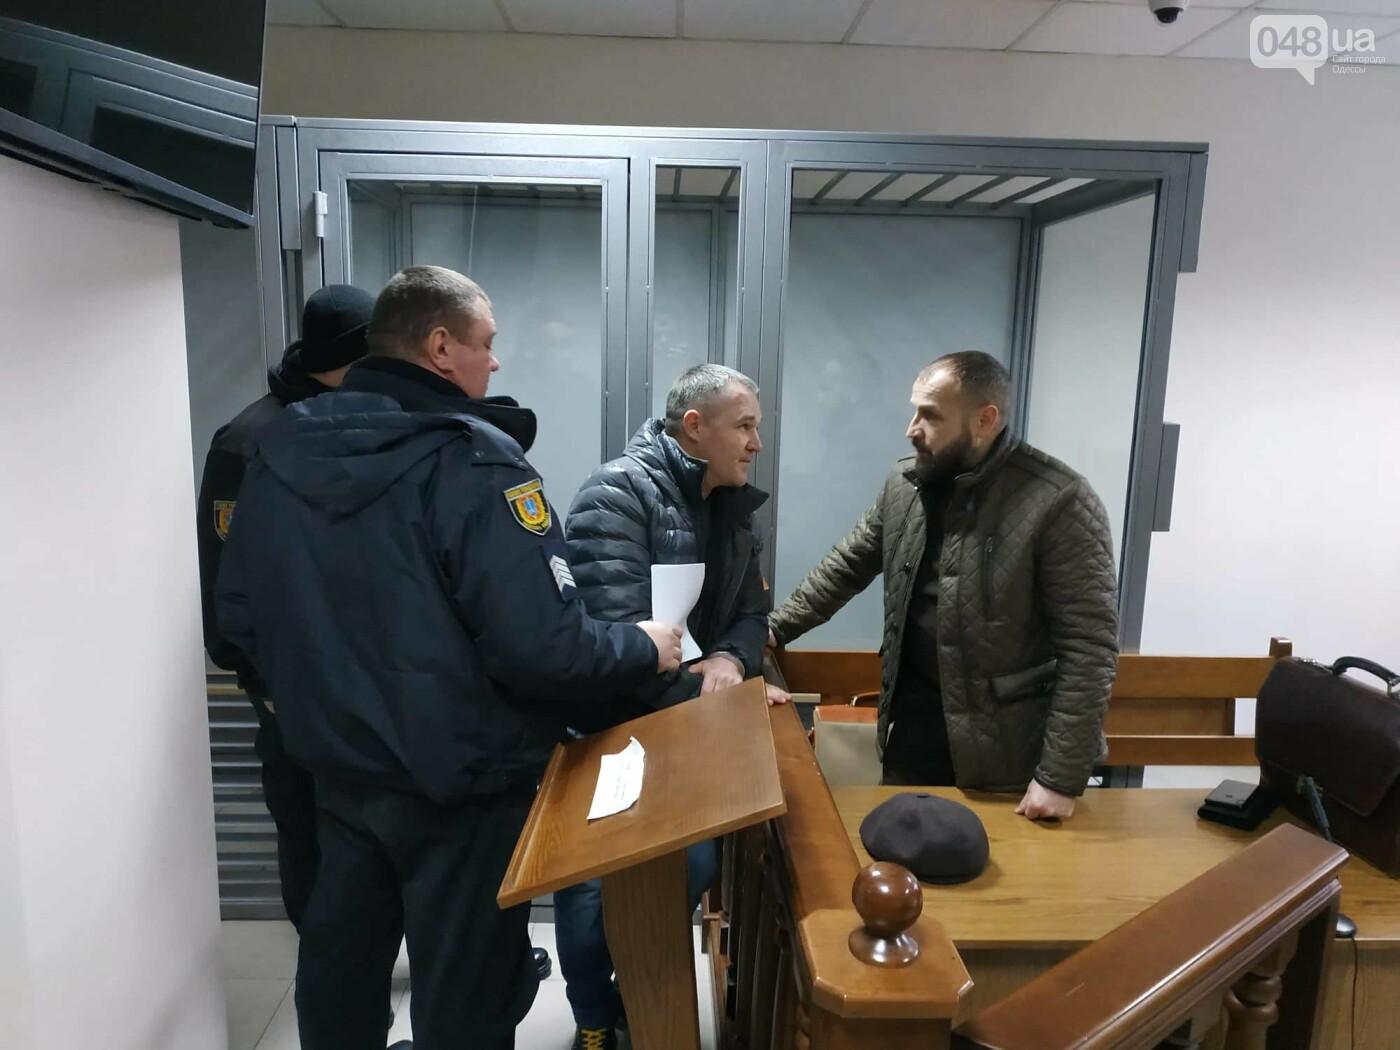 Процесс по делу одесского экс-милиционера, обвиняемого в изнасиловании, затягивается , фото-3